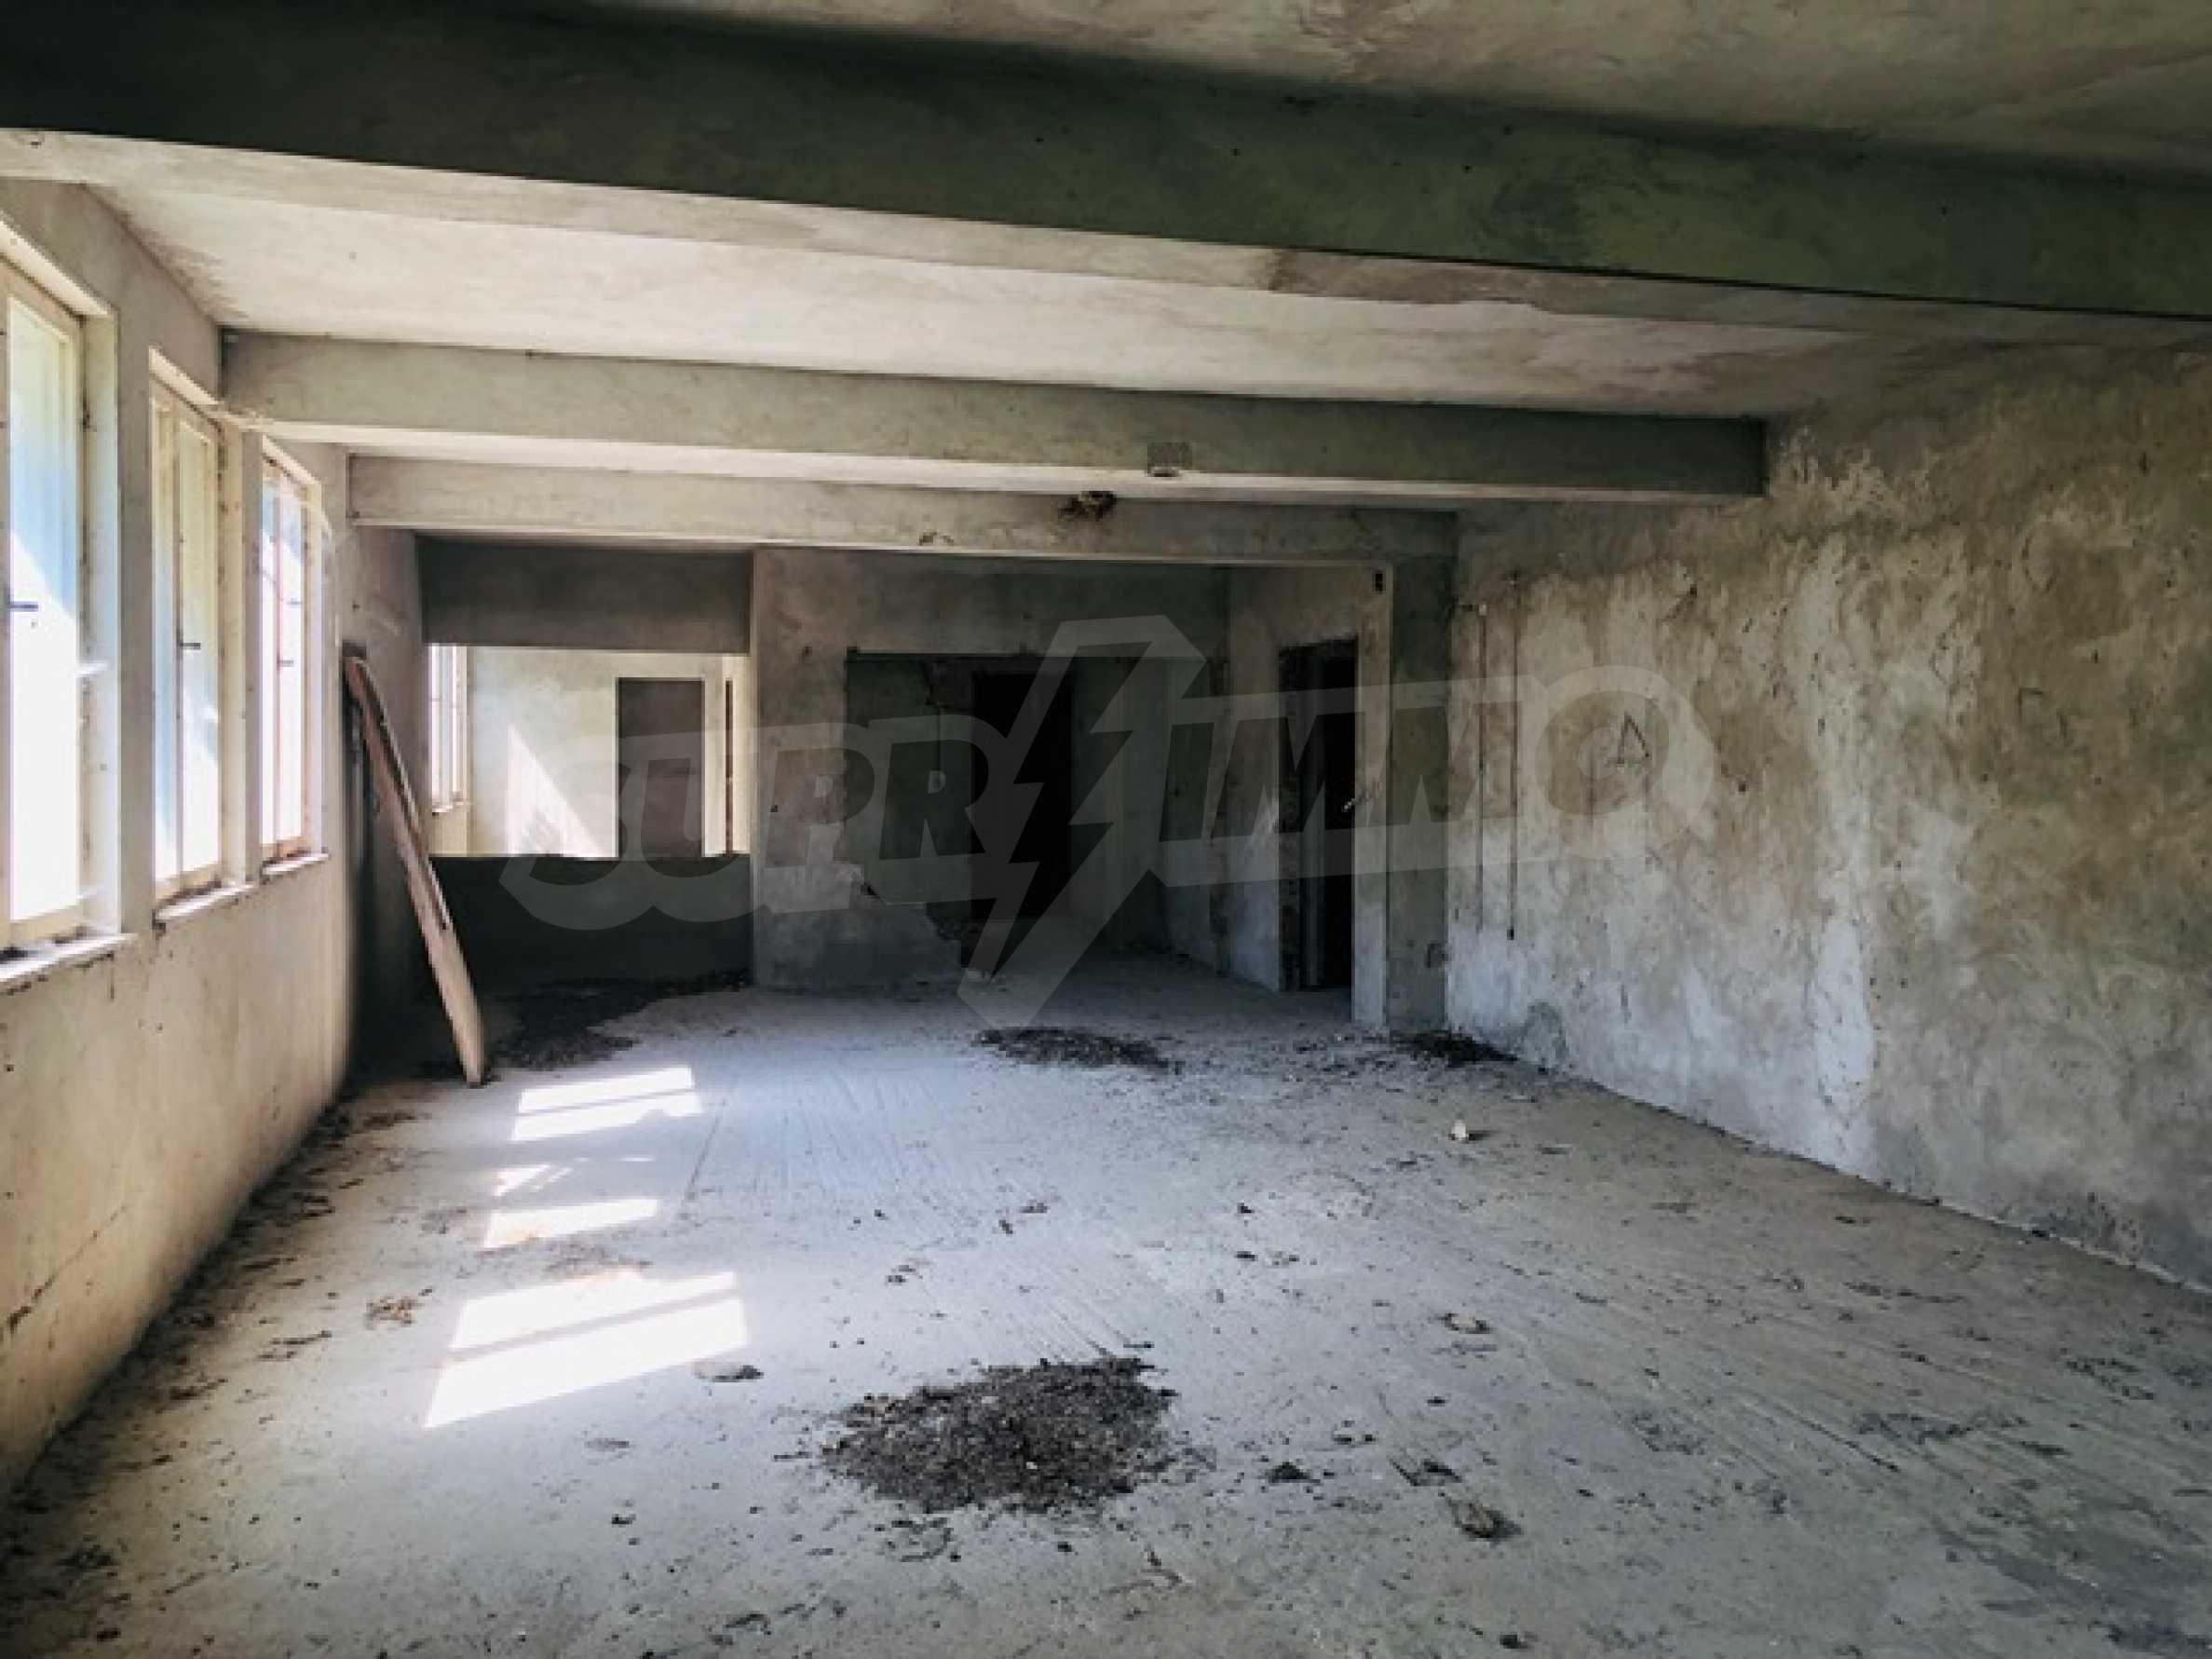 Neugebautes Haus mit Geschäftspotential, nur 6 km von Trjawna entfernt 15